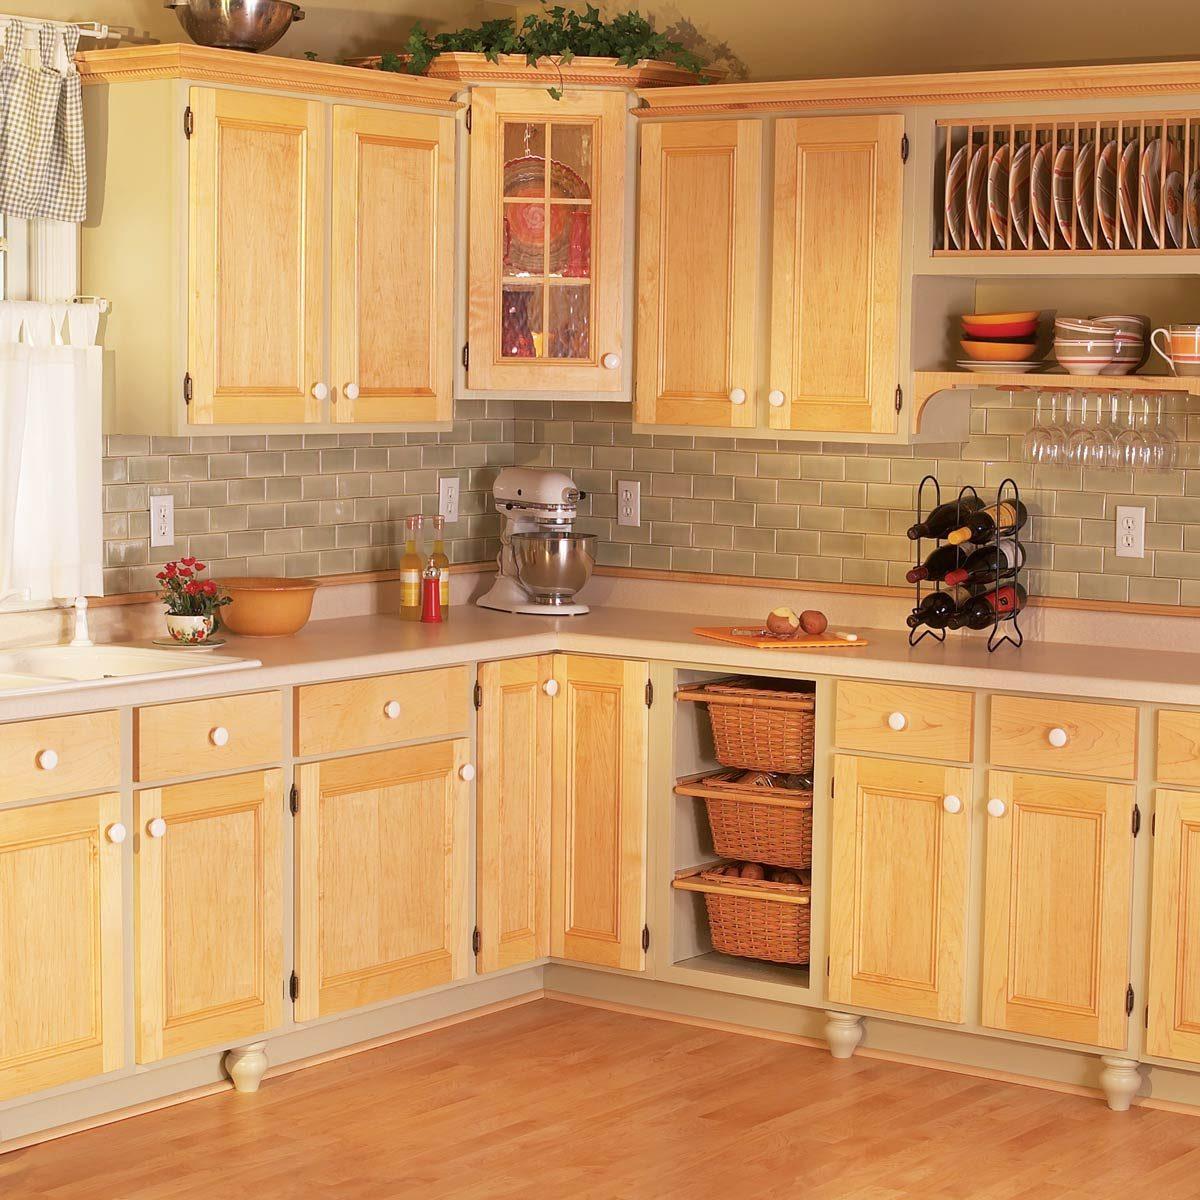 rejuvenate your cabinets facelift